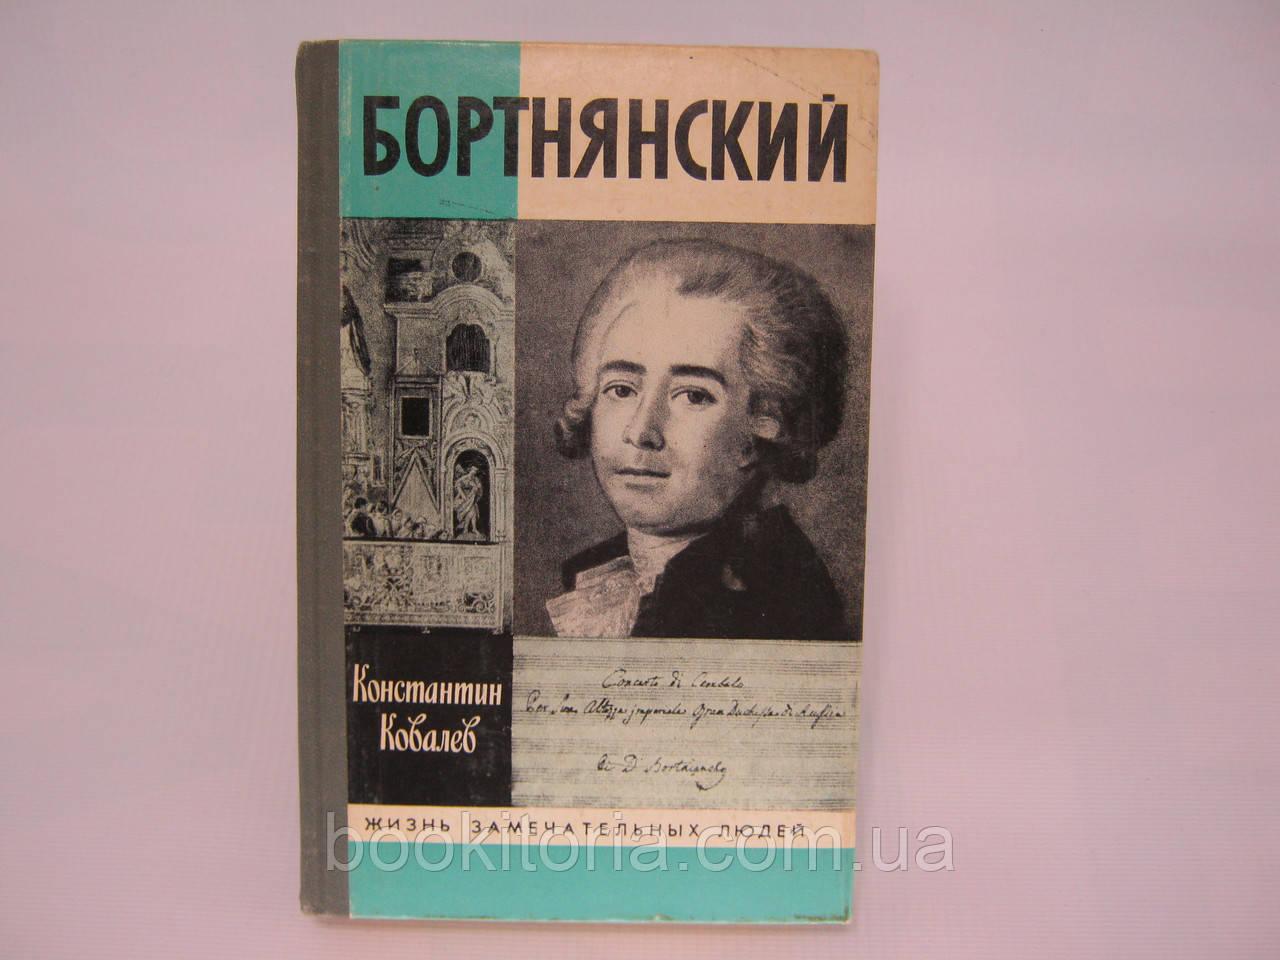 Ковалев К.П. Бортнянский (б/у).